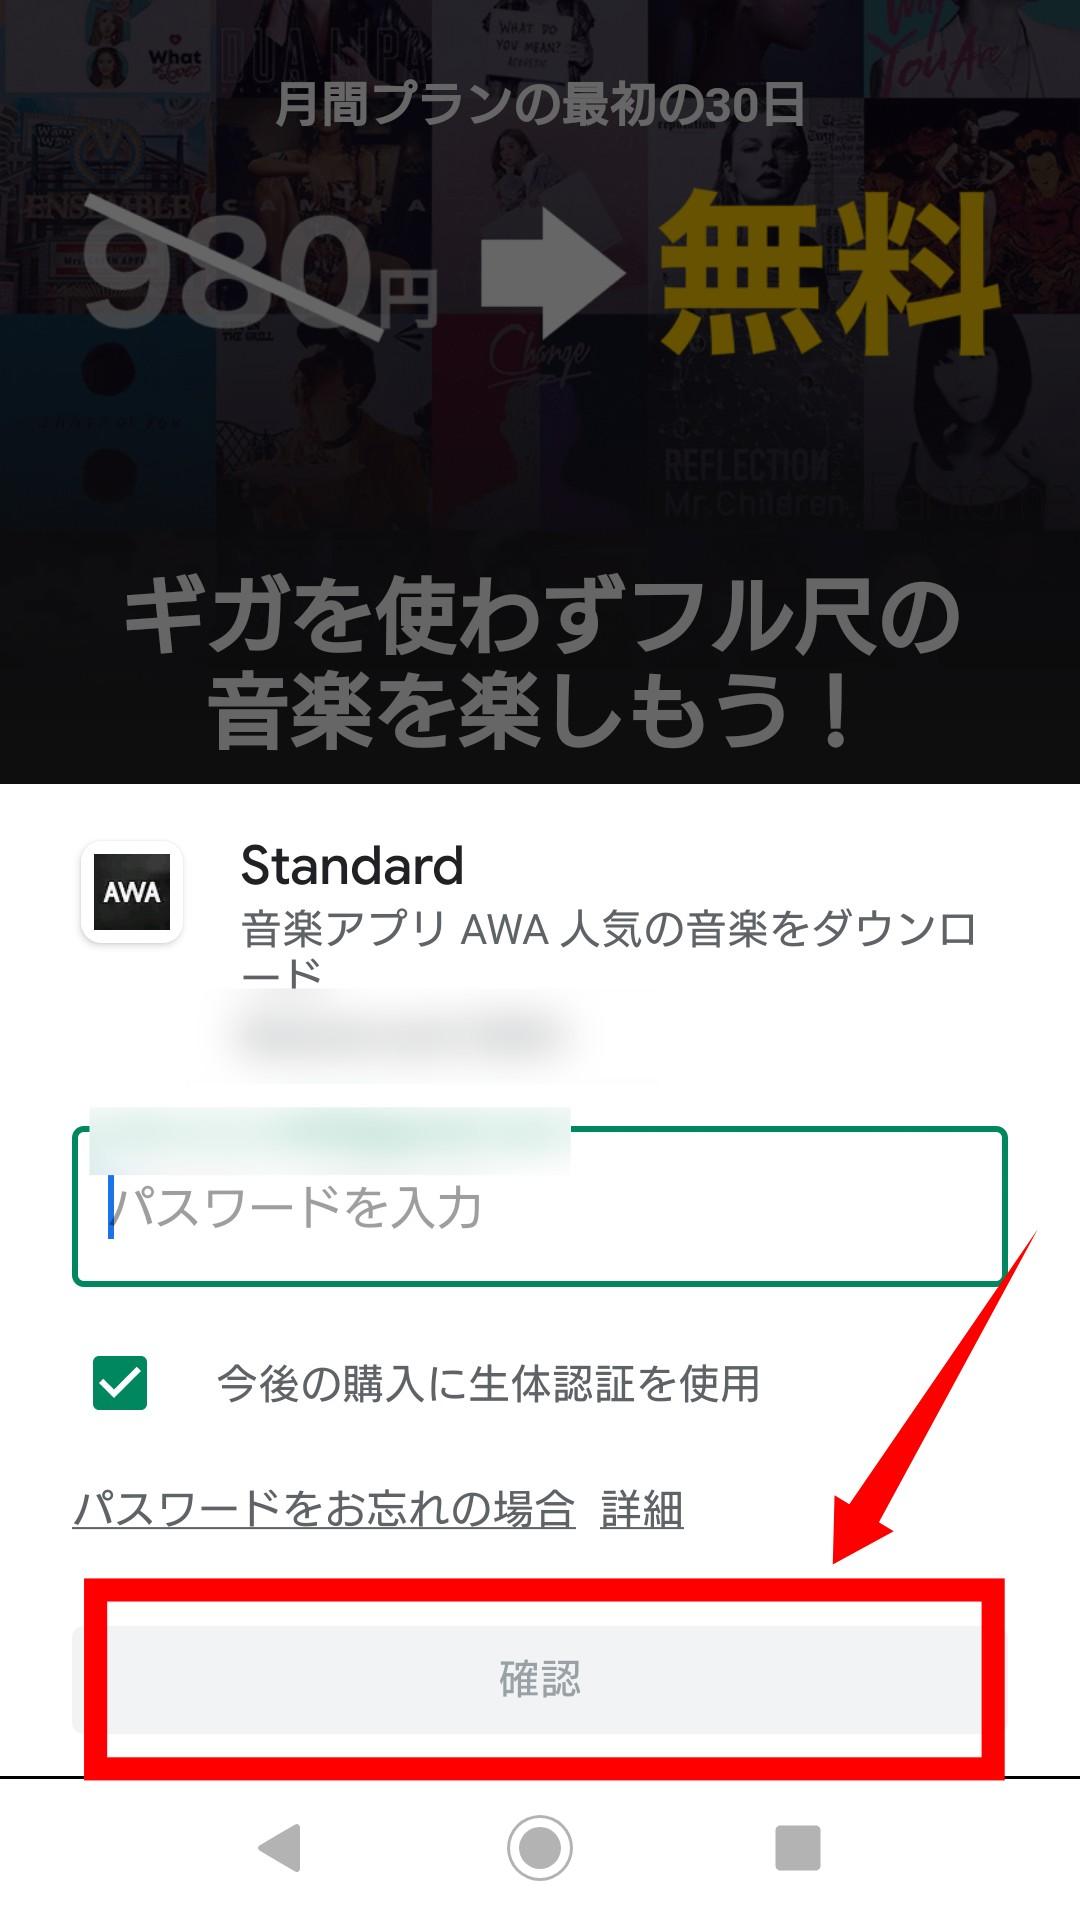 AWAの登録手順